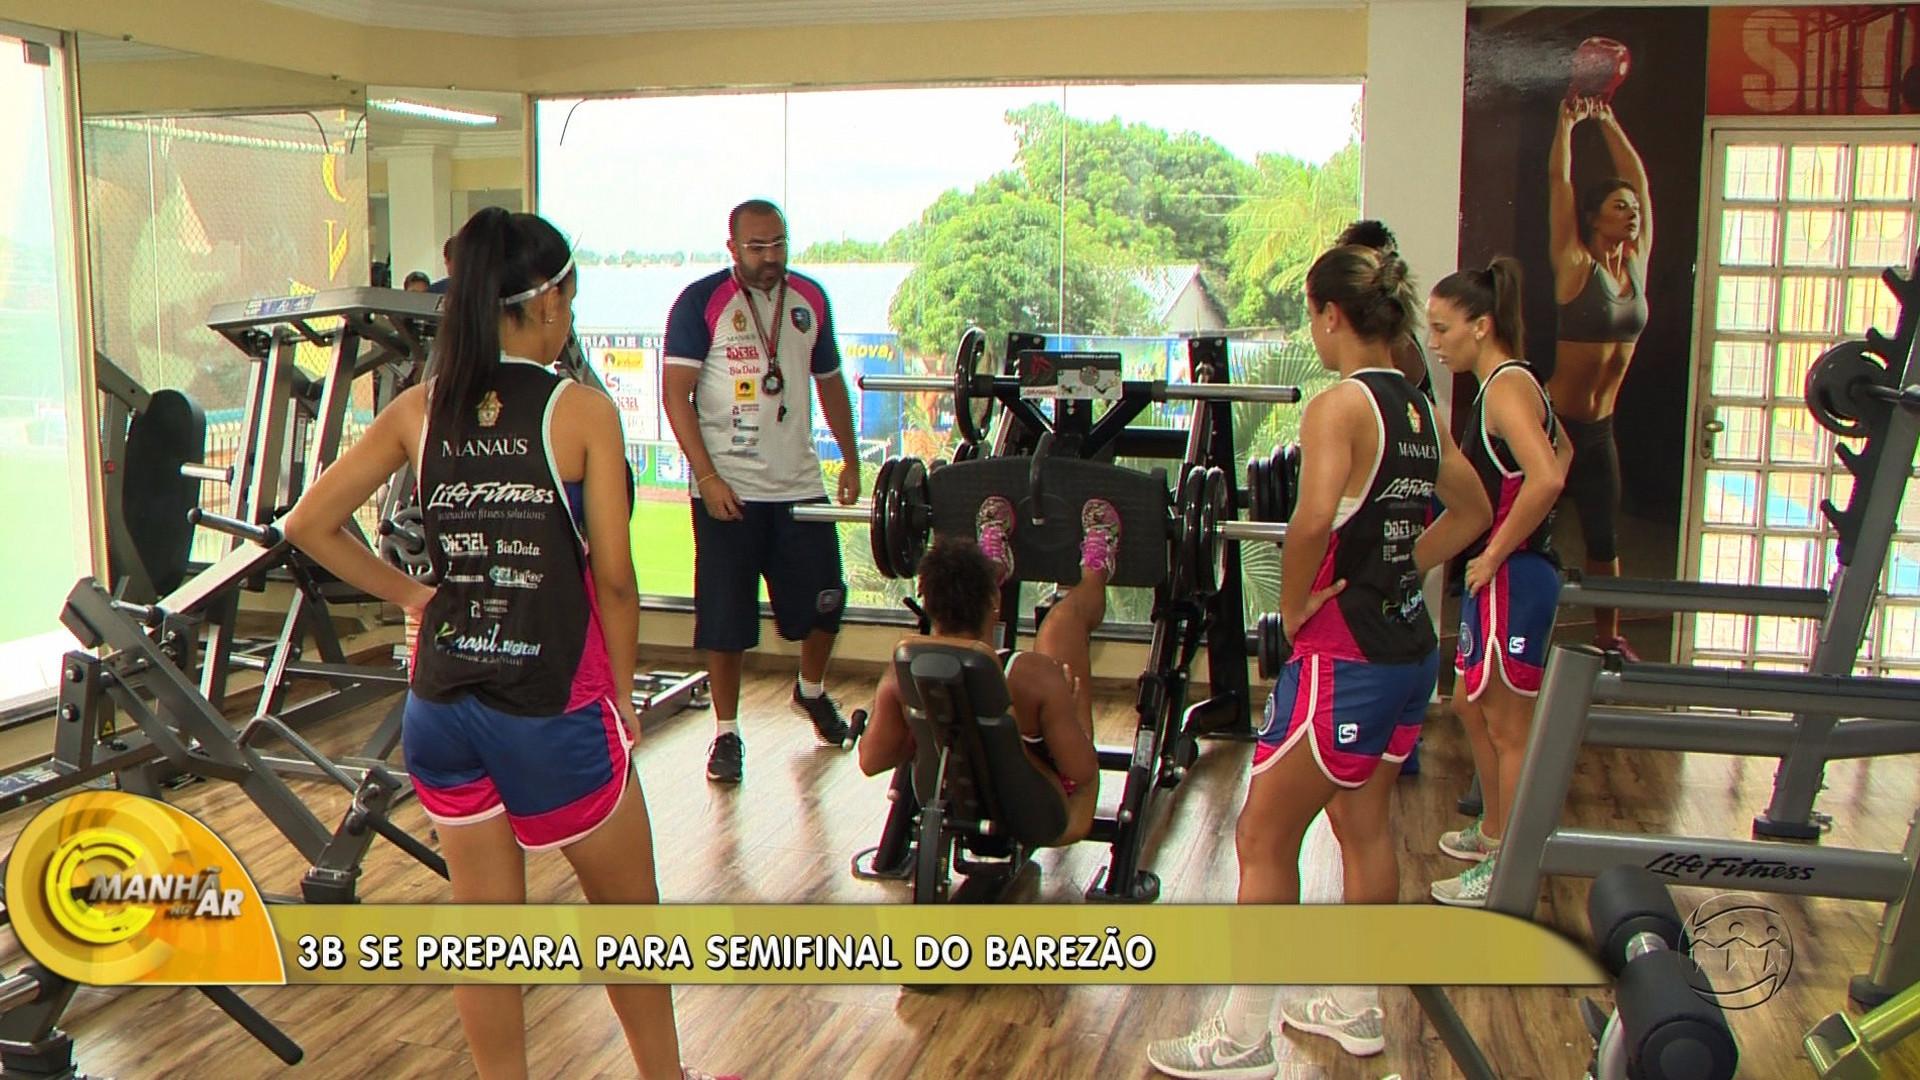 3B SE PREPARA PARA SEMIFINAL DO BAREZÃO FEMININO - Manhã no Ar 17/10/17